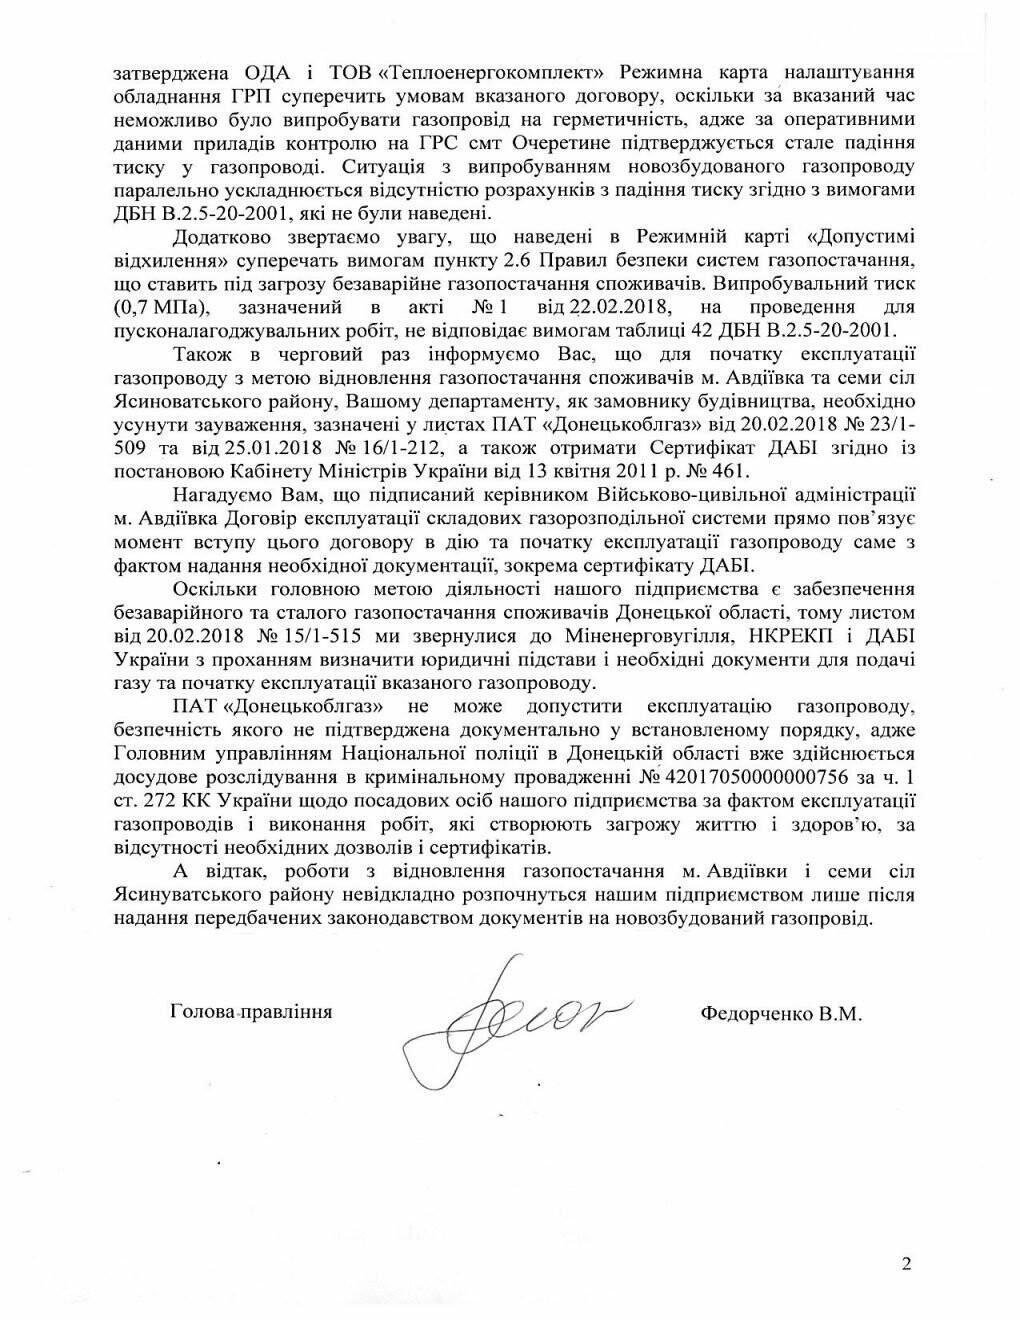 Авдеевский газопровод не прошел испытания, - Донецкоблгаз (ДОКУМЕНТ), фото-3